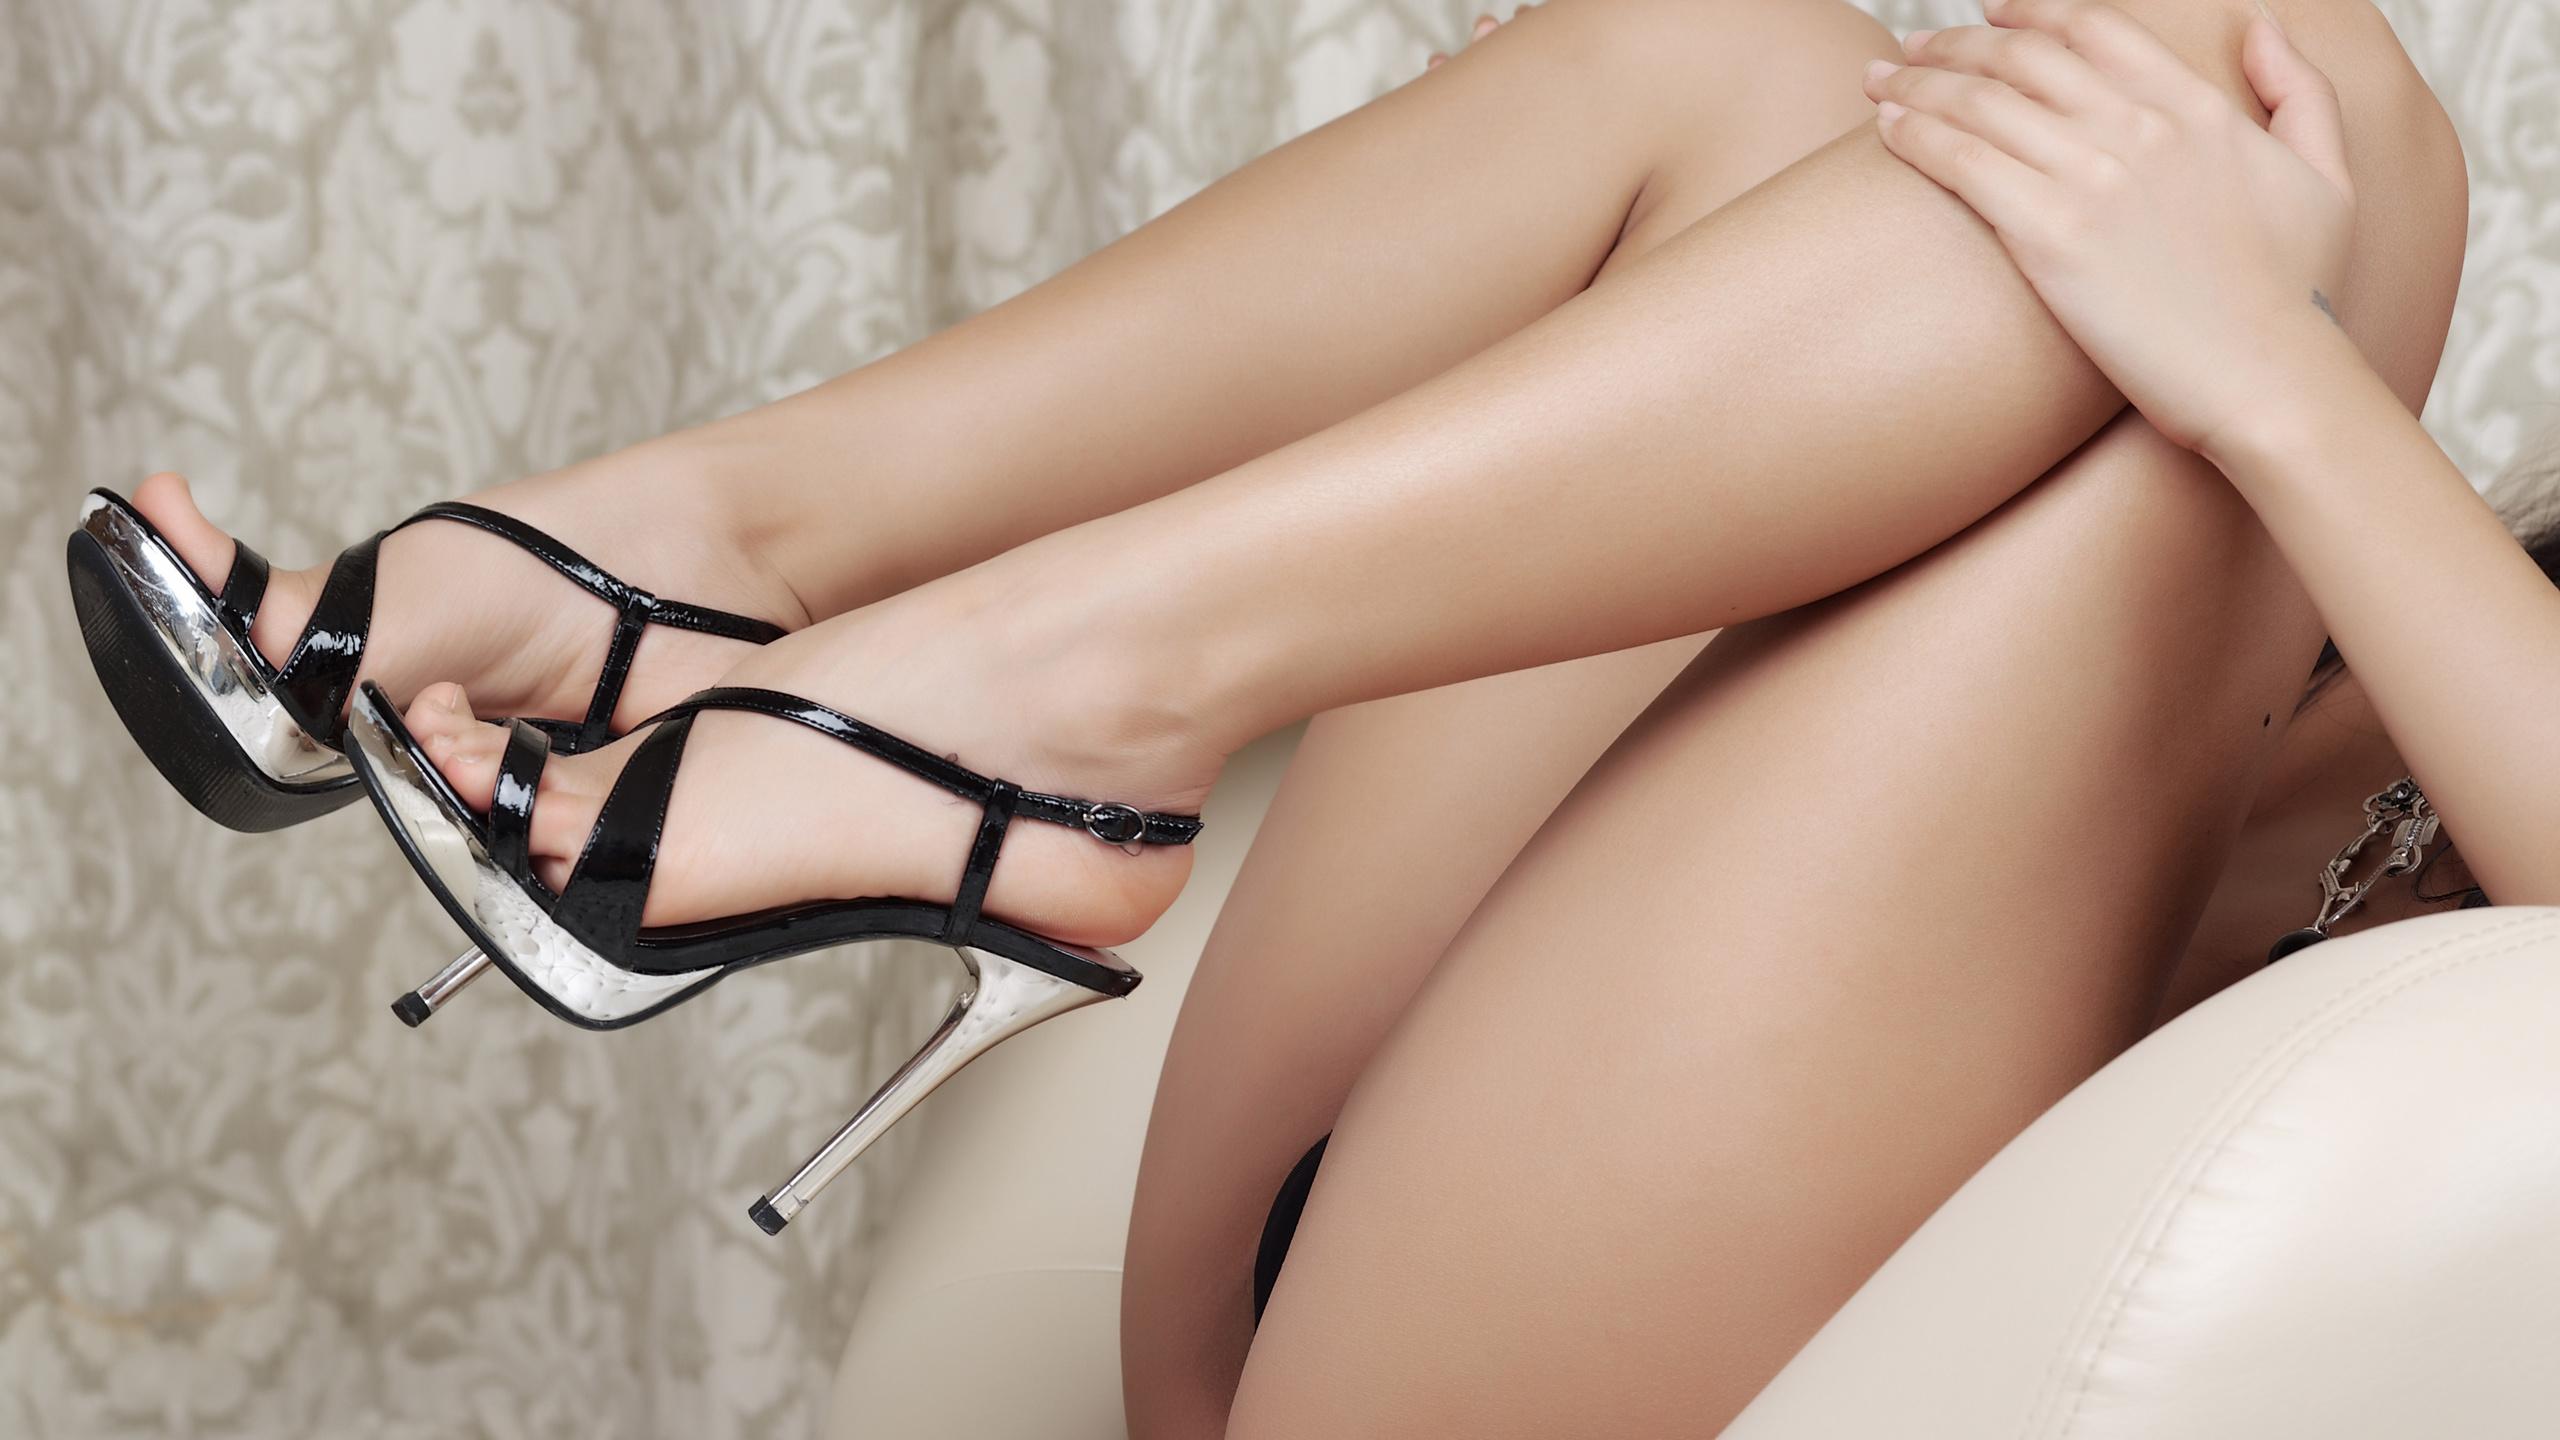 Ноги девушек видео в хорошем качестве онлайн